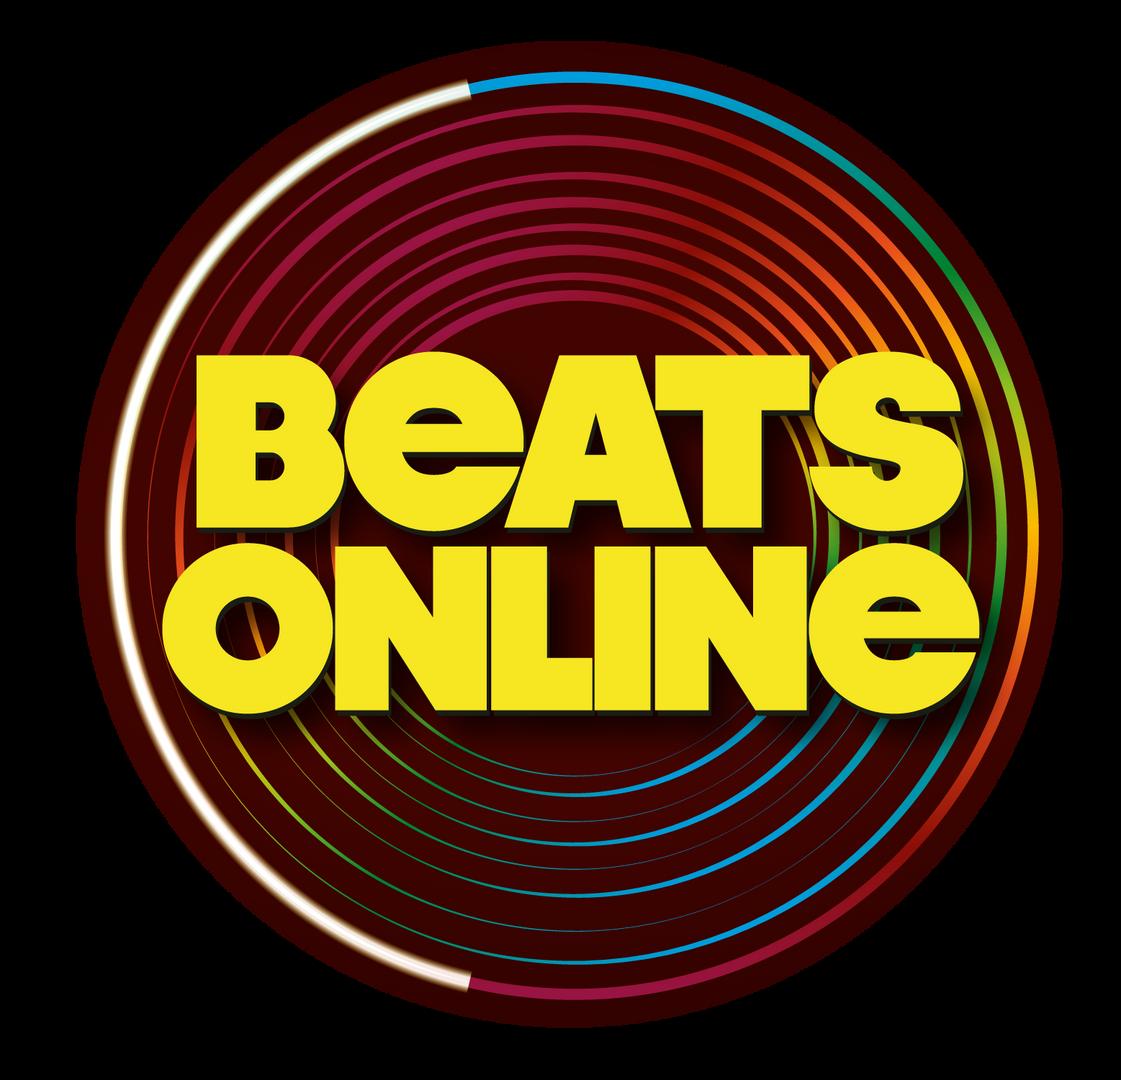 Beats Online